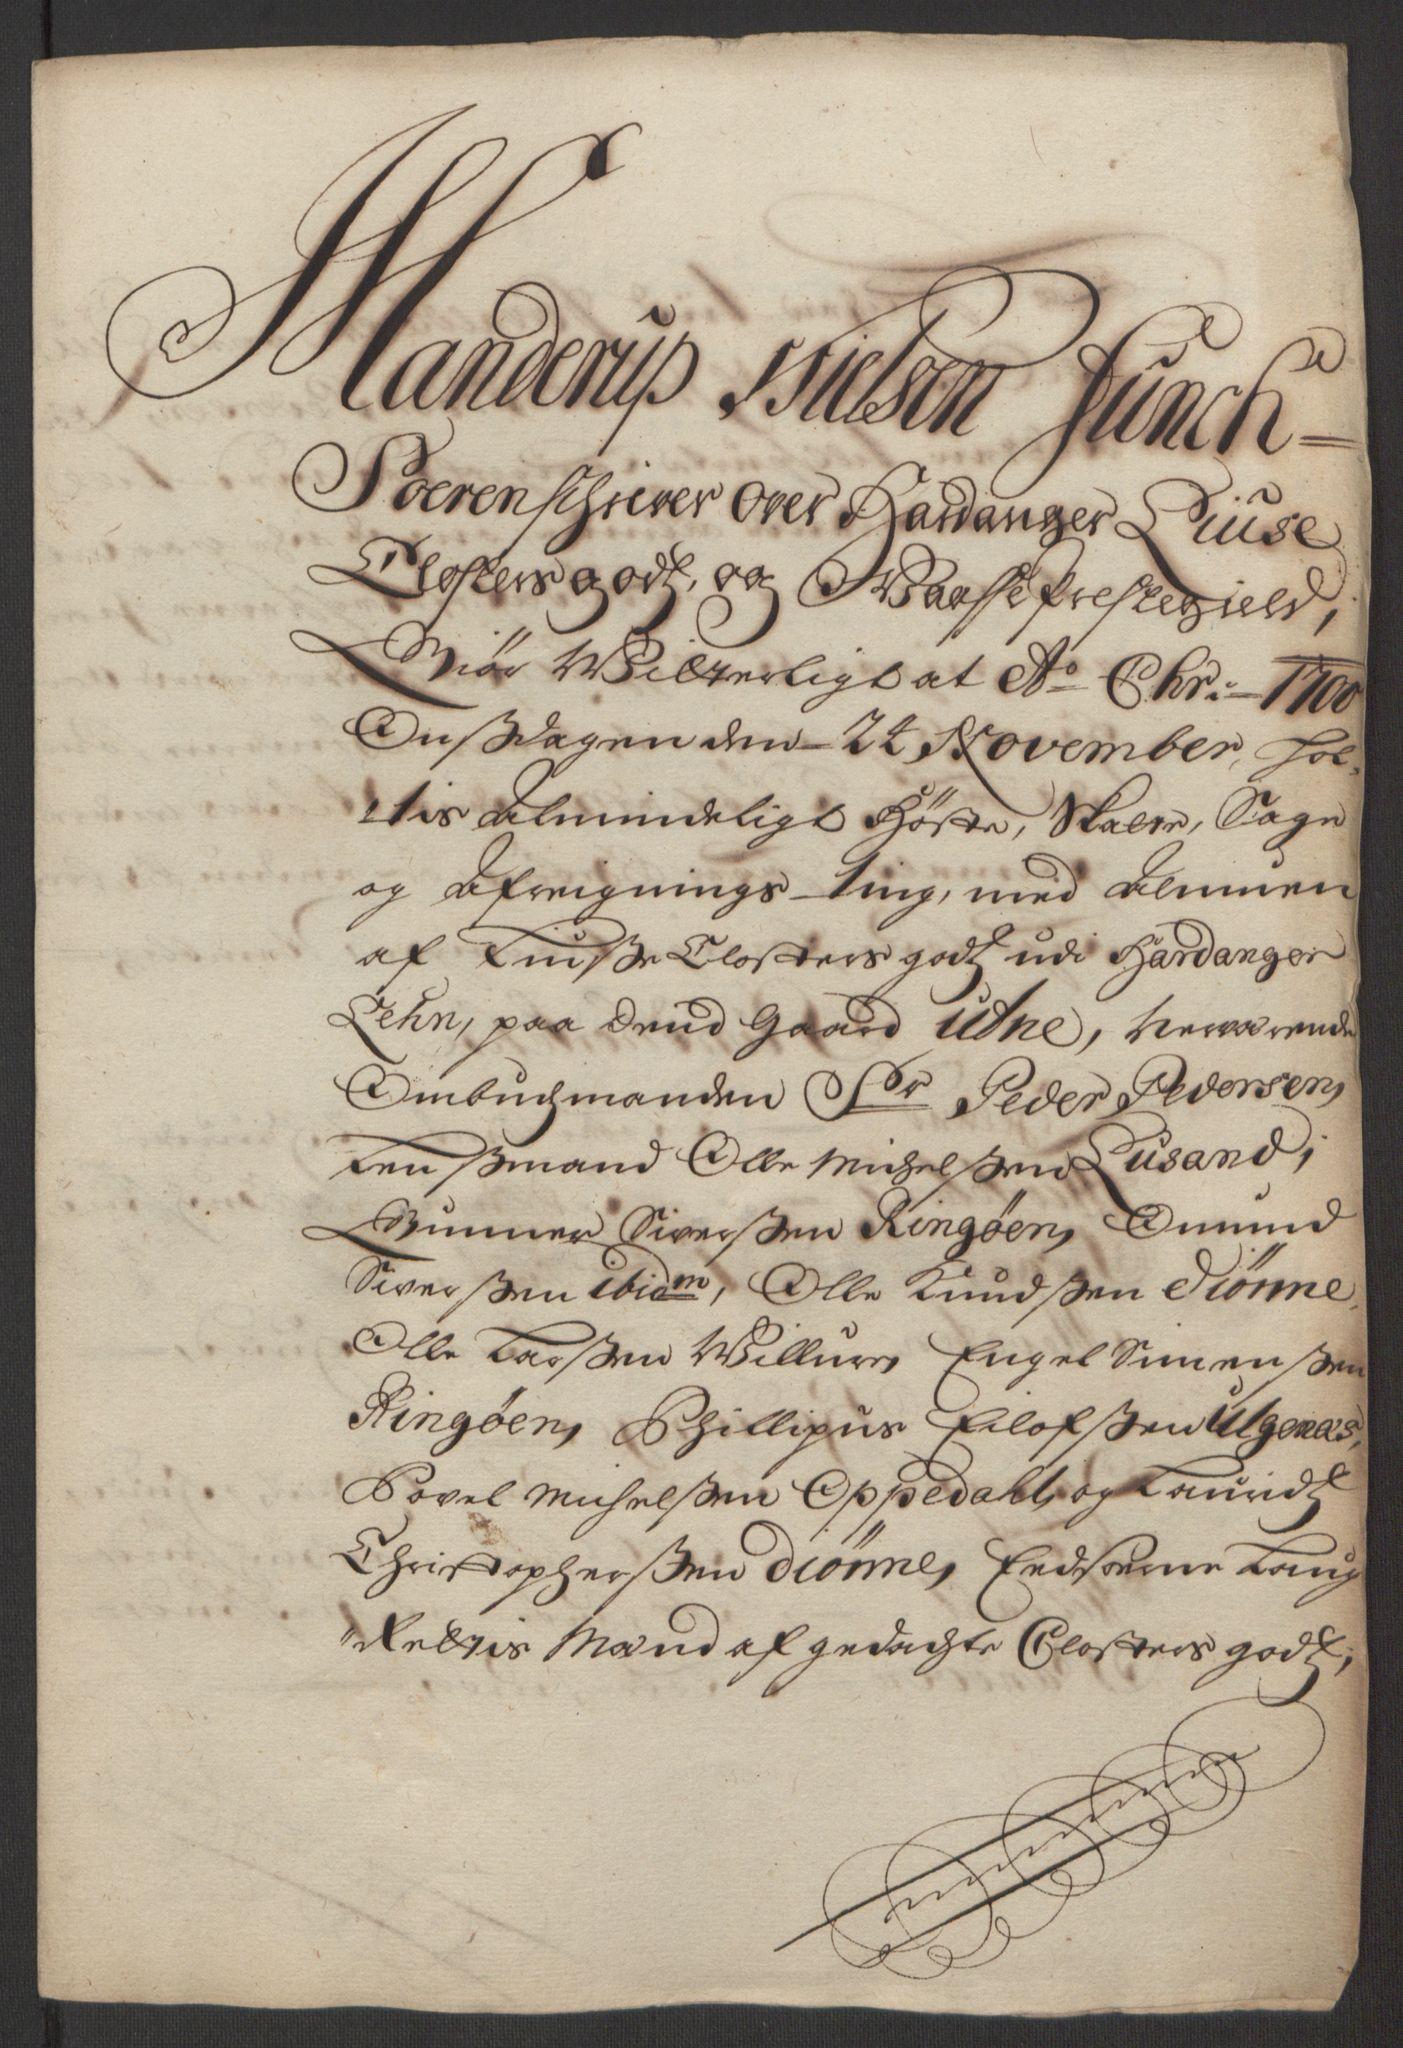 RA, Rentekammeret inntil 1814, Reviderte regnskaper, Fogderegnskap, R50/L3159: Fogderegnskap Lyse kloster, 1691-1709, s. 129